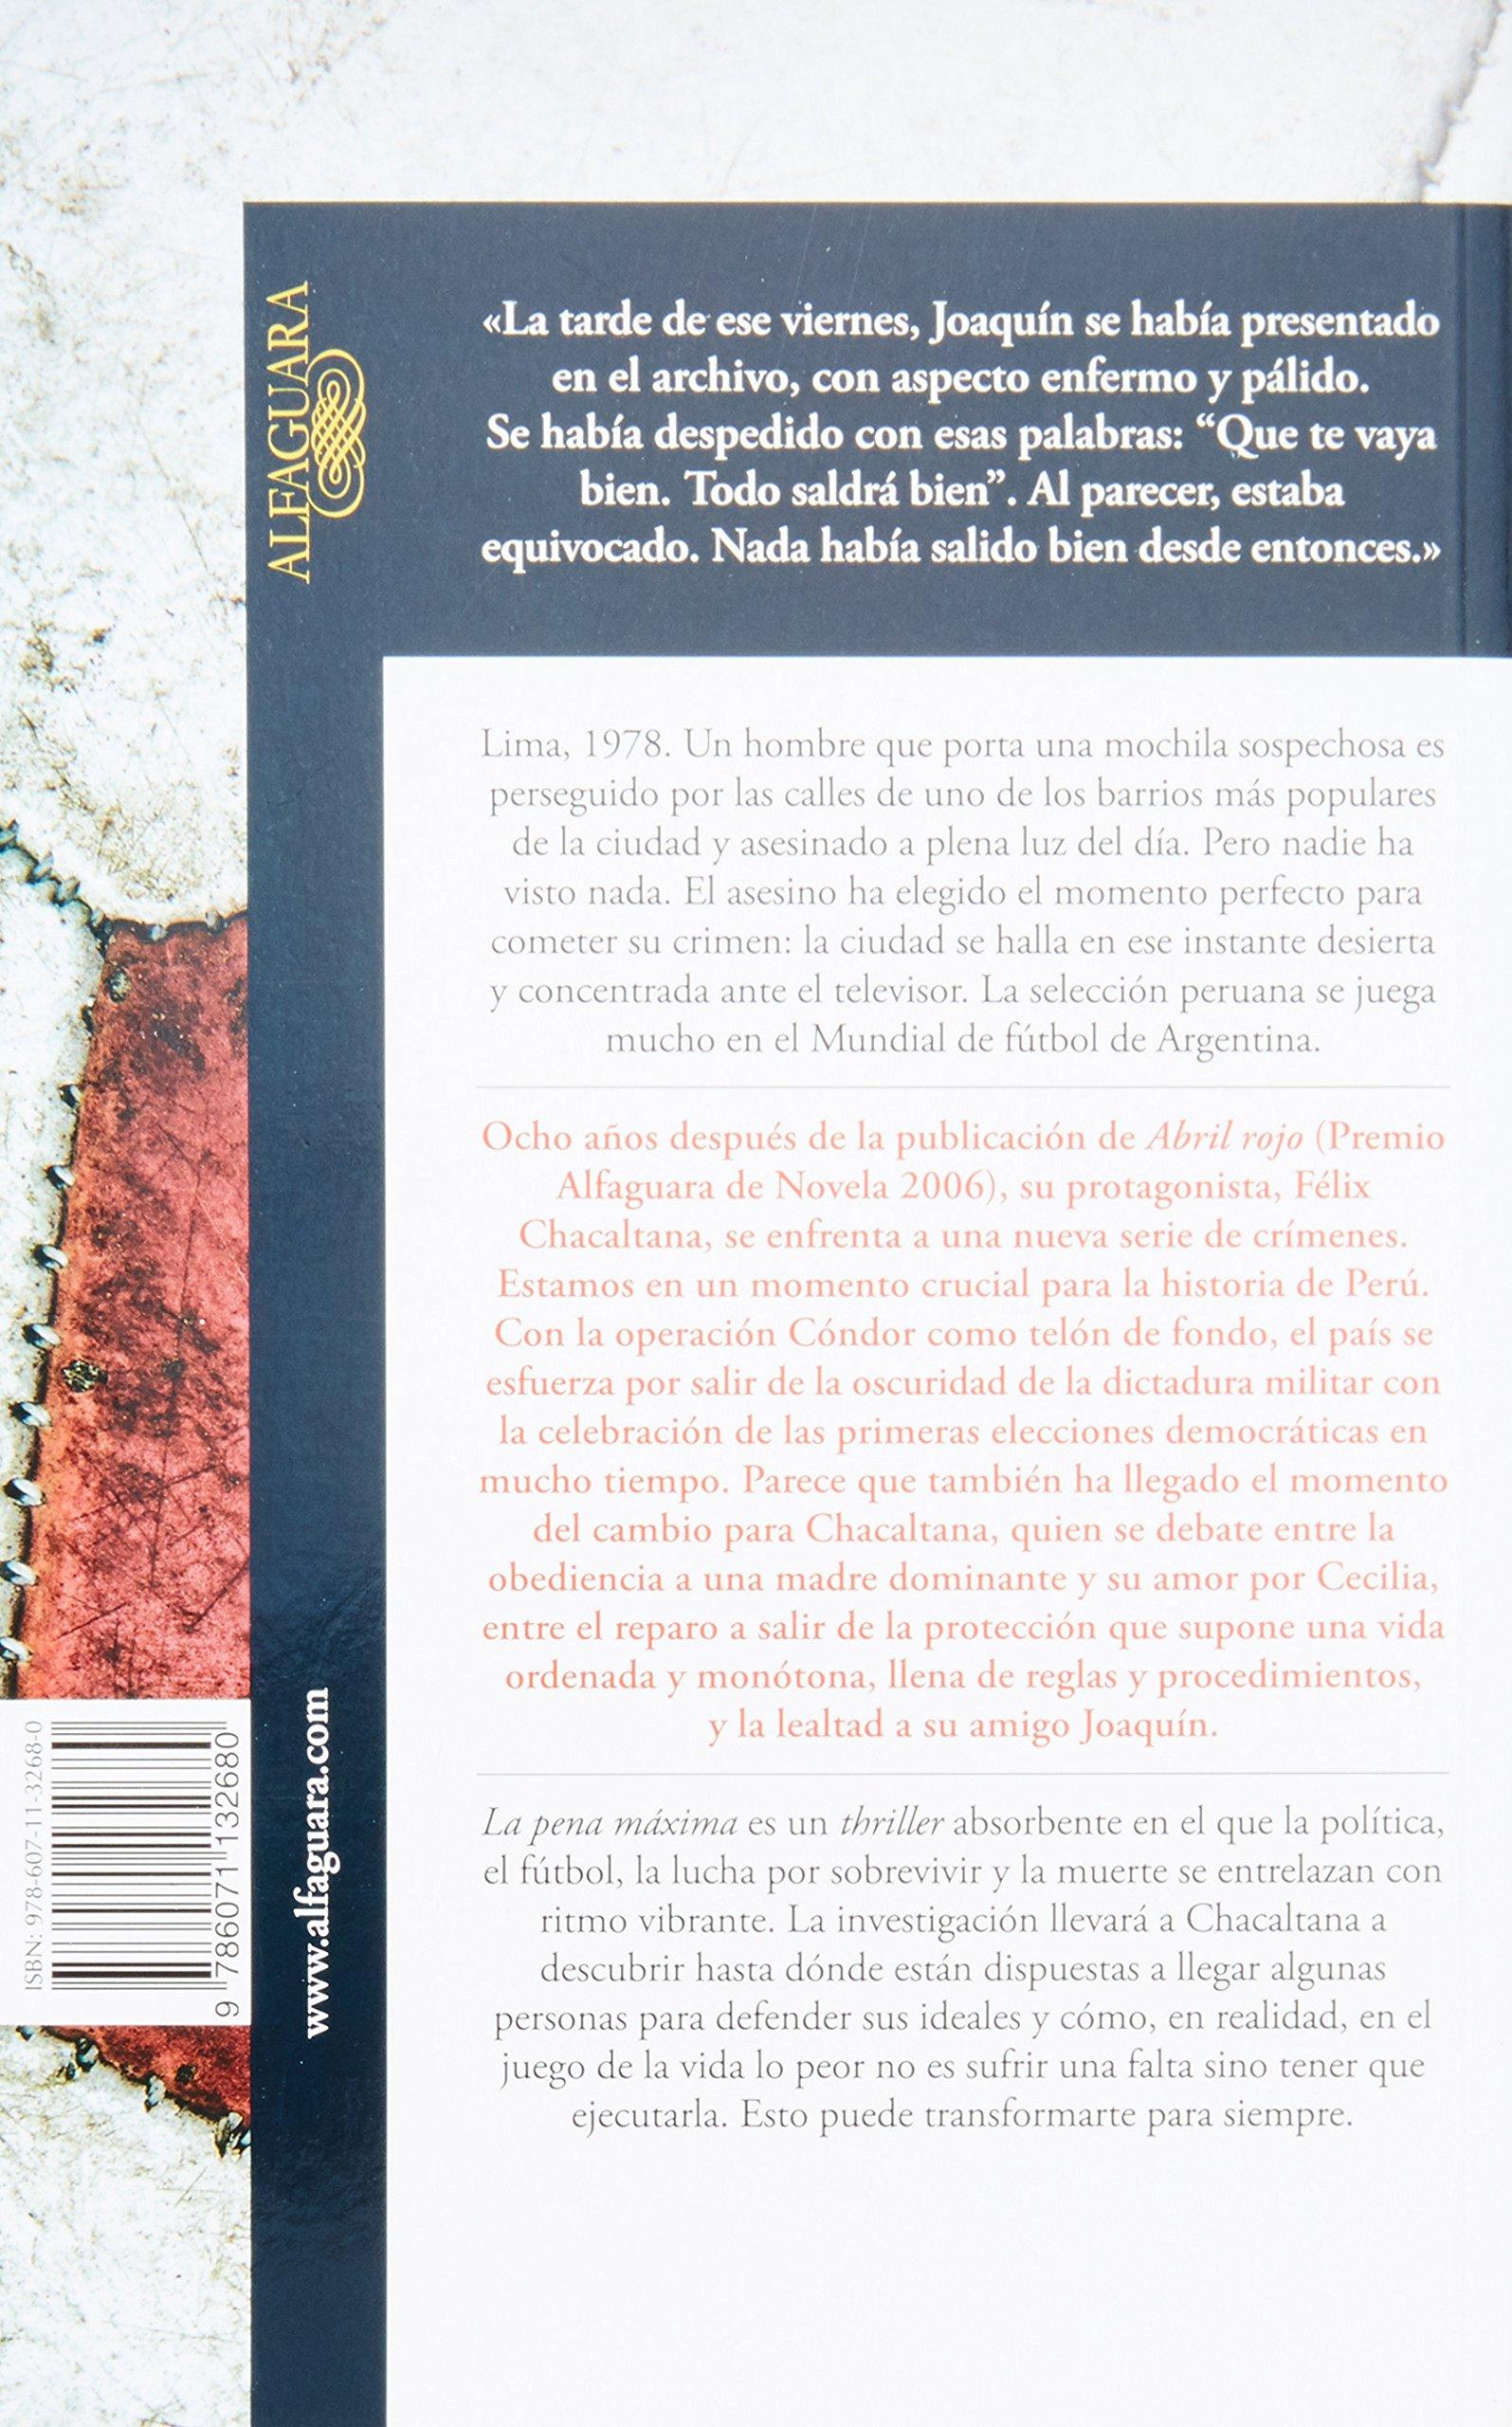 La pena máxima (Spanish Edition): Santiago Roncagliolo: 9786071132680: Amazon.com: Books